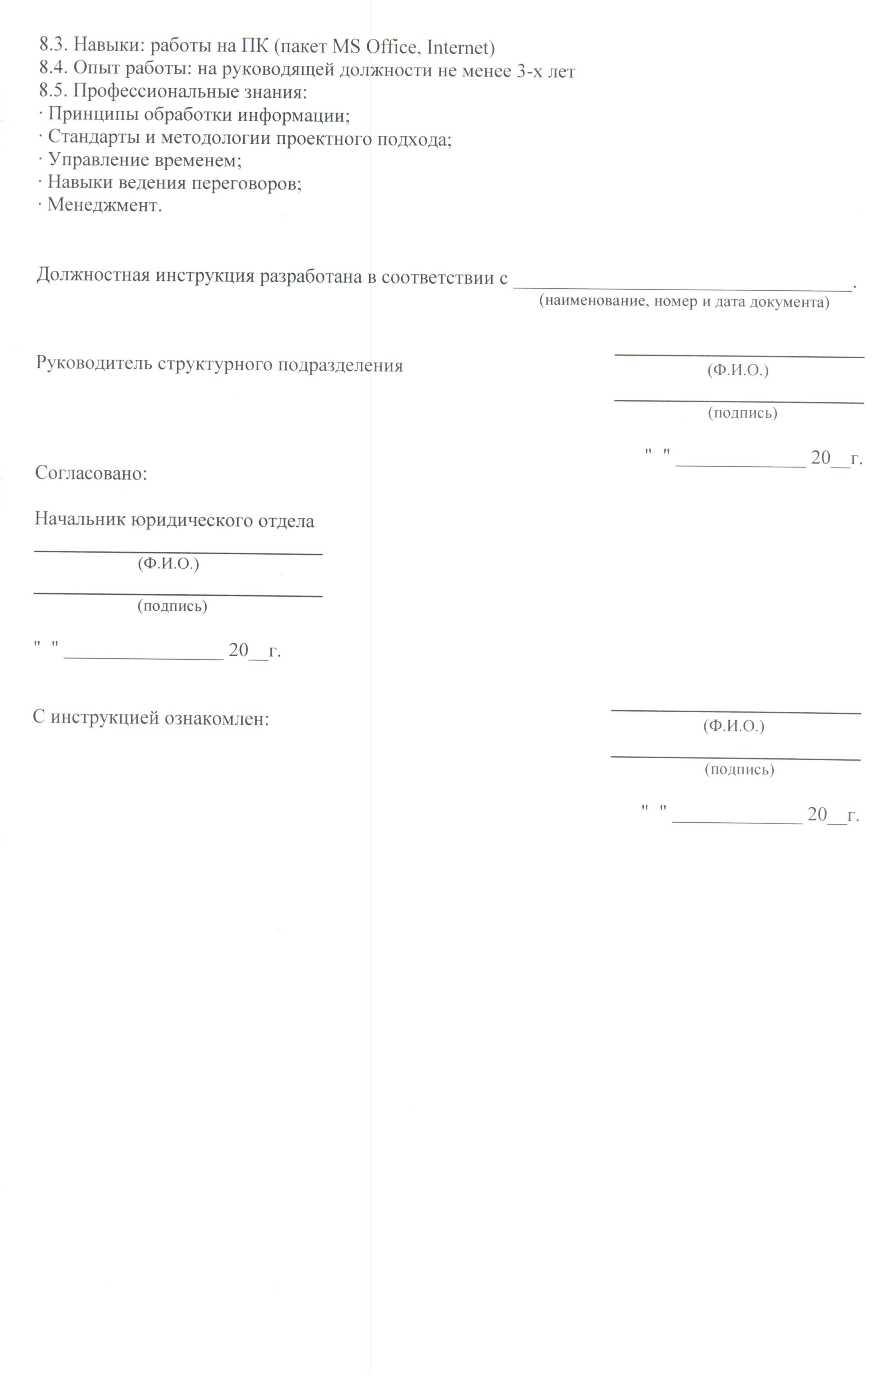 Менеджер проекта должностная инструкция